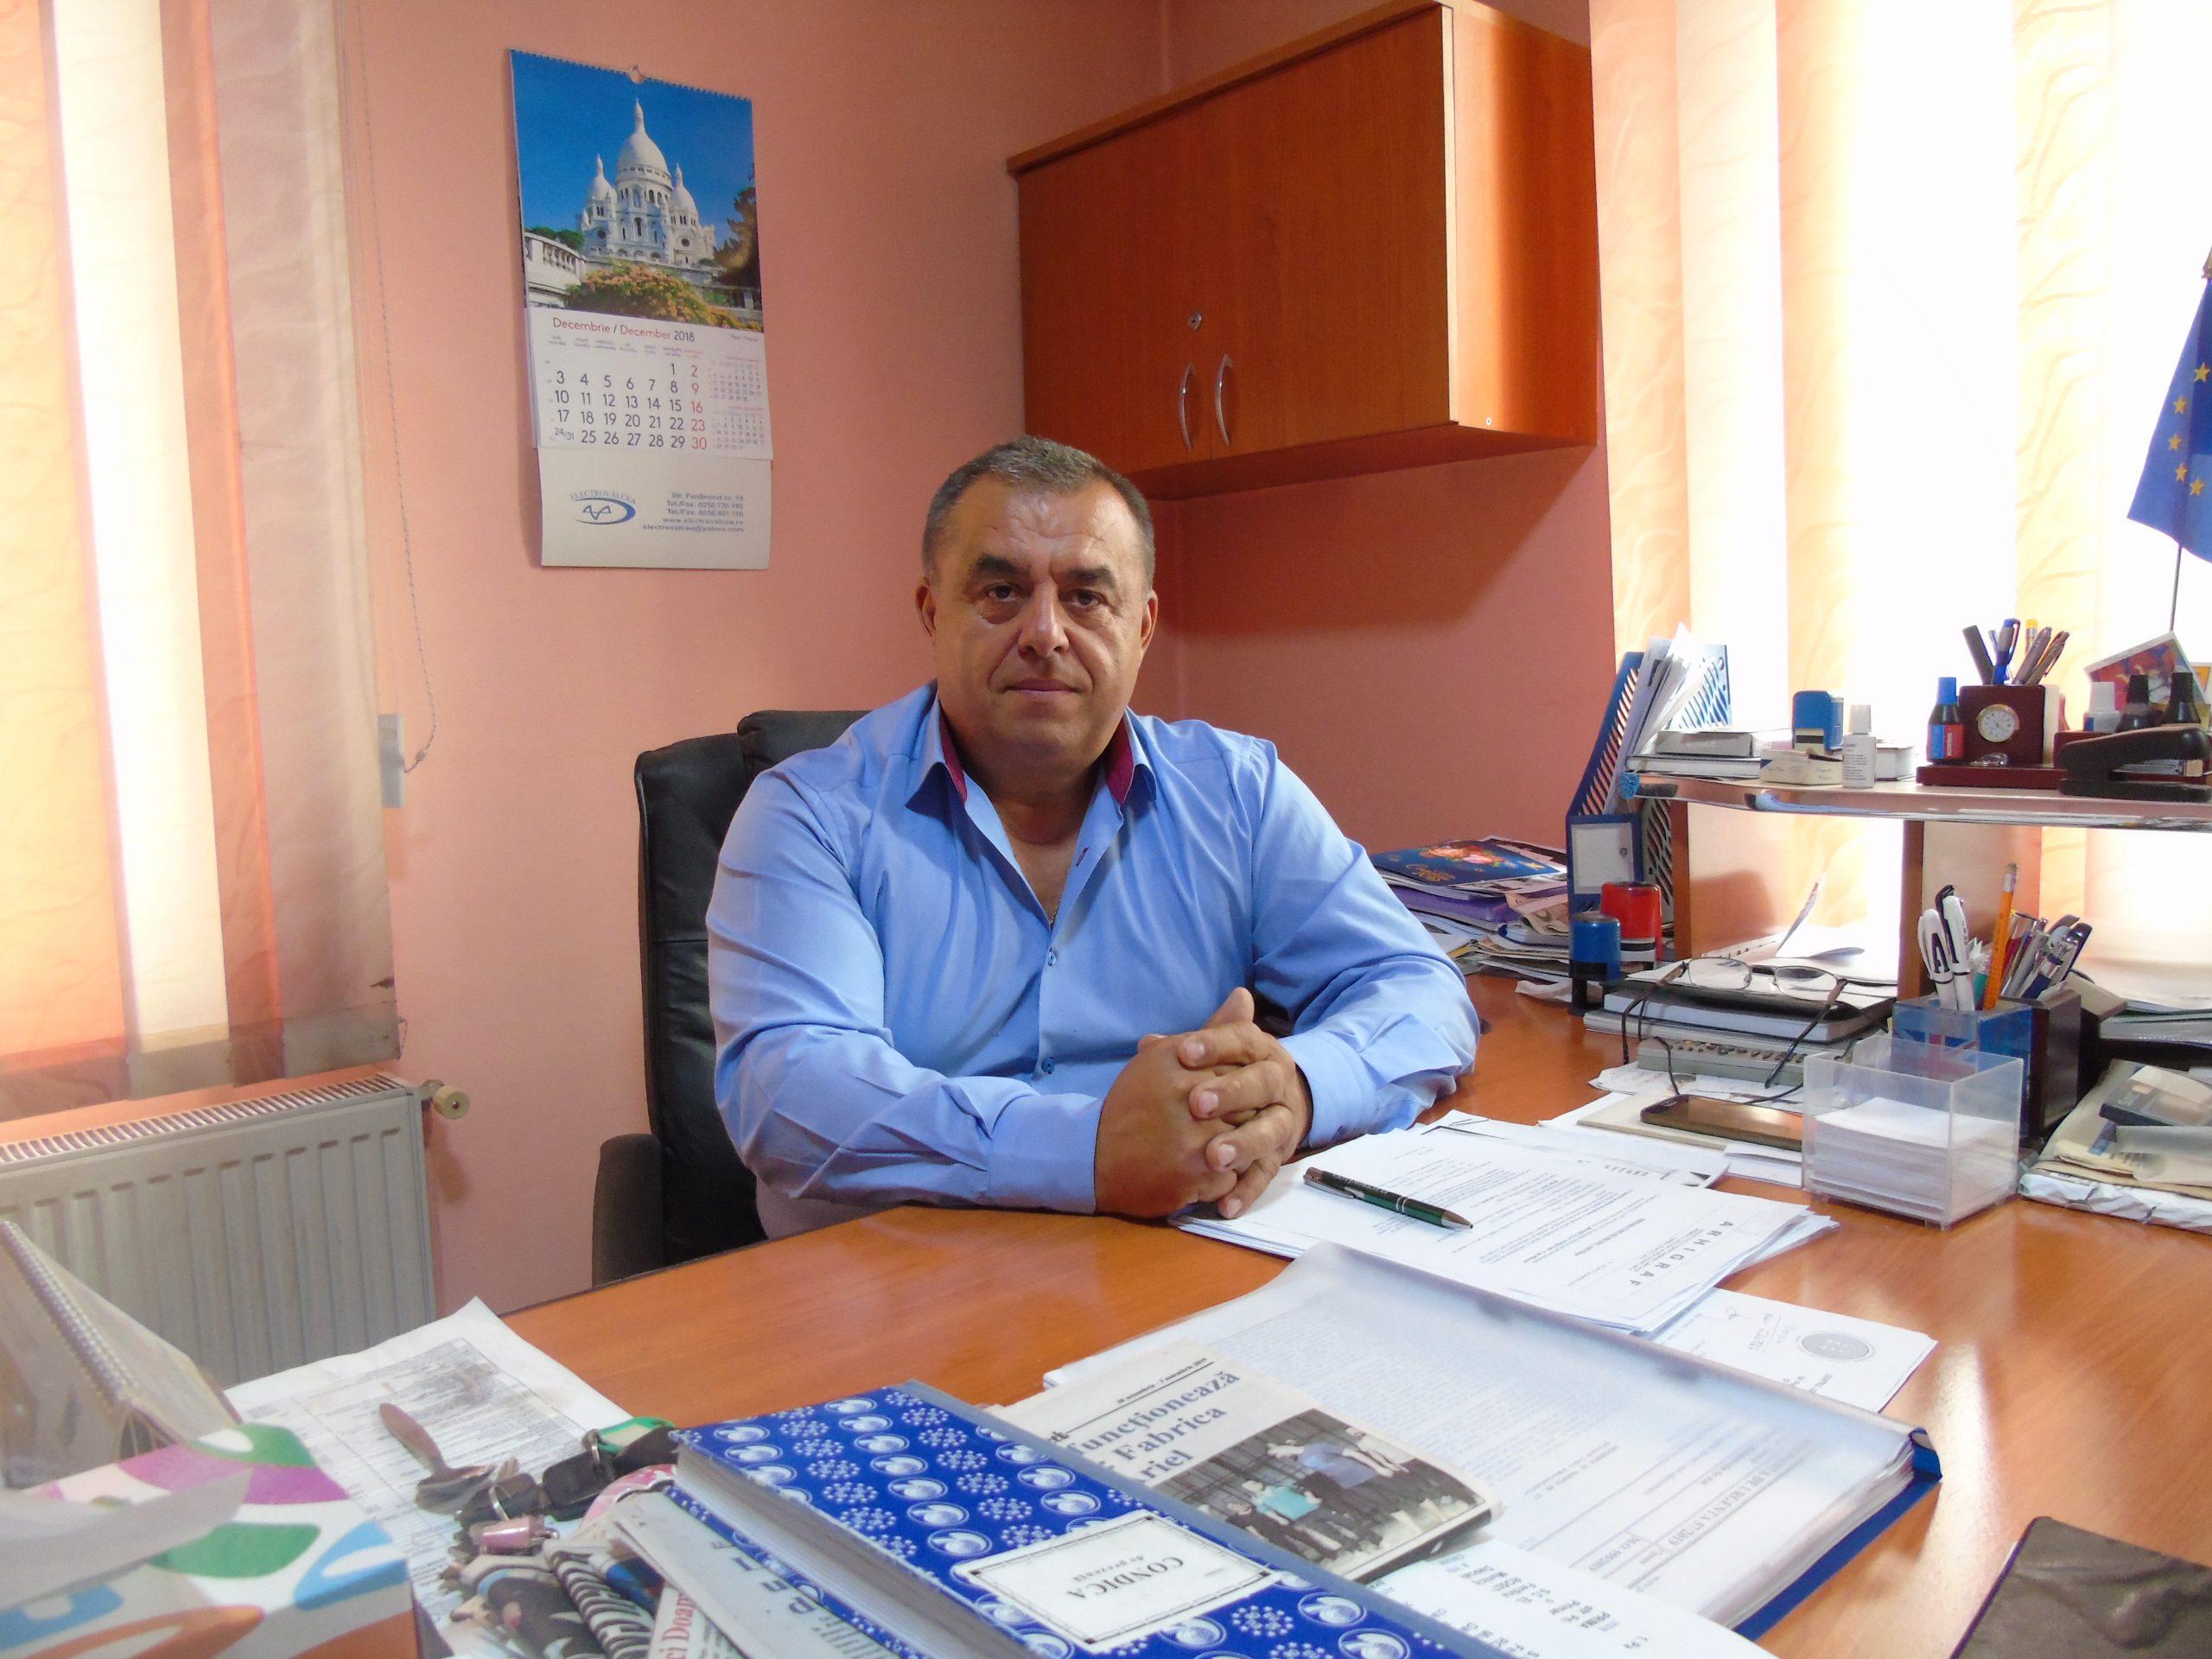 """Daniel Muşat: """"Pentru înfiinţarea reţelei de apă în satul Şuricaru se vor aloca bani din bugetul local"""""""